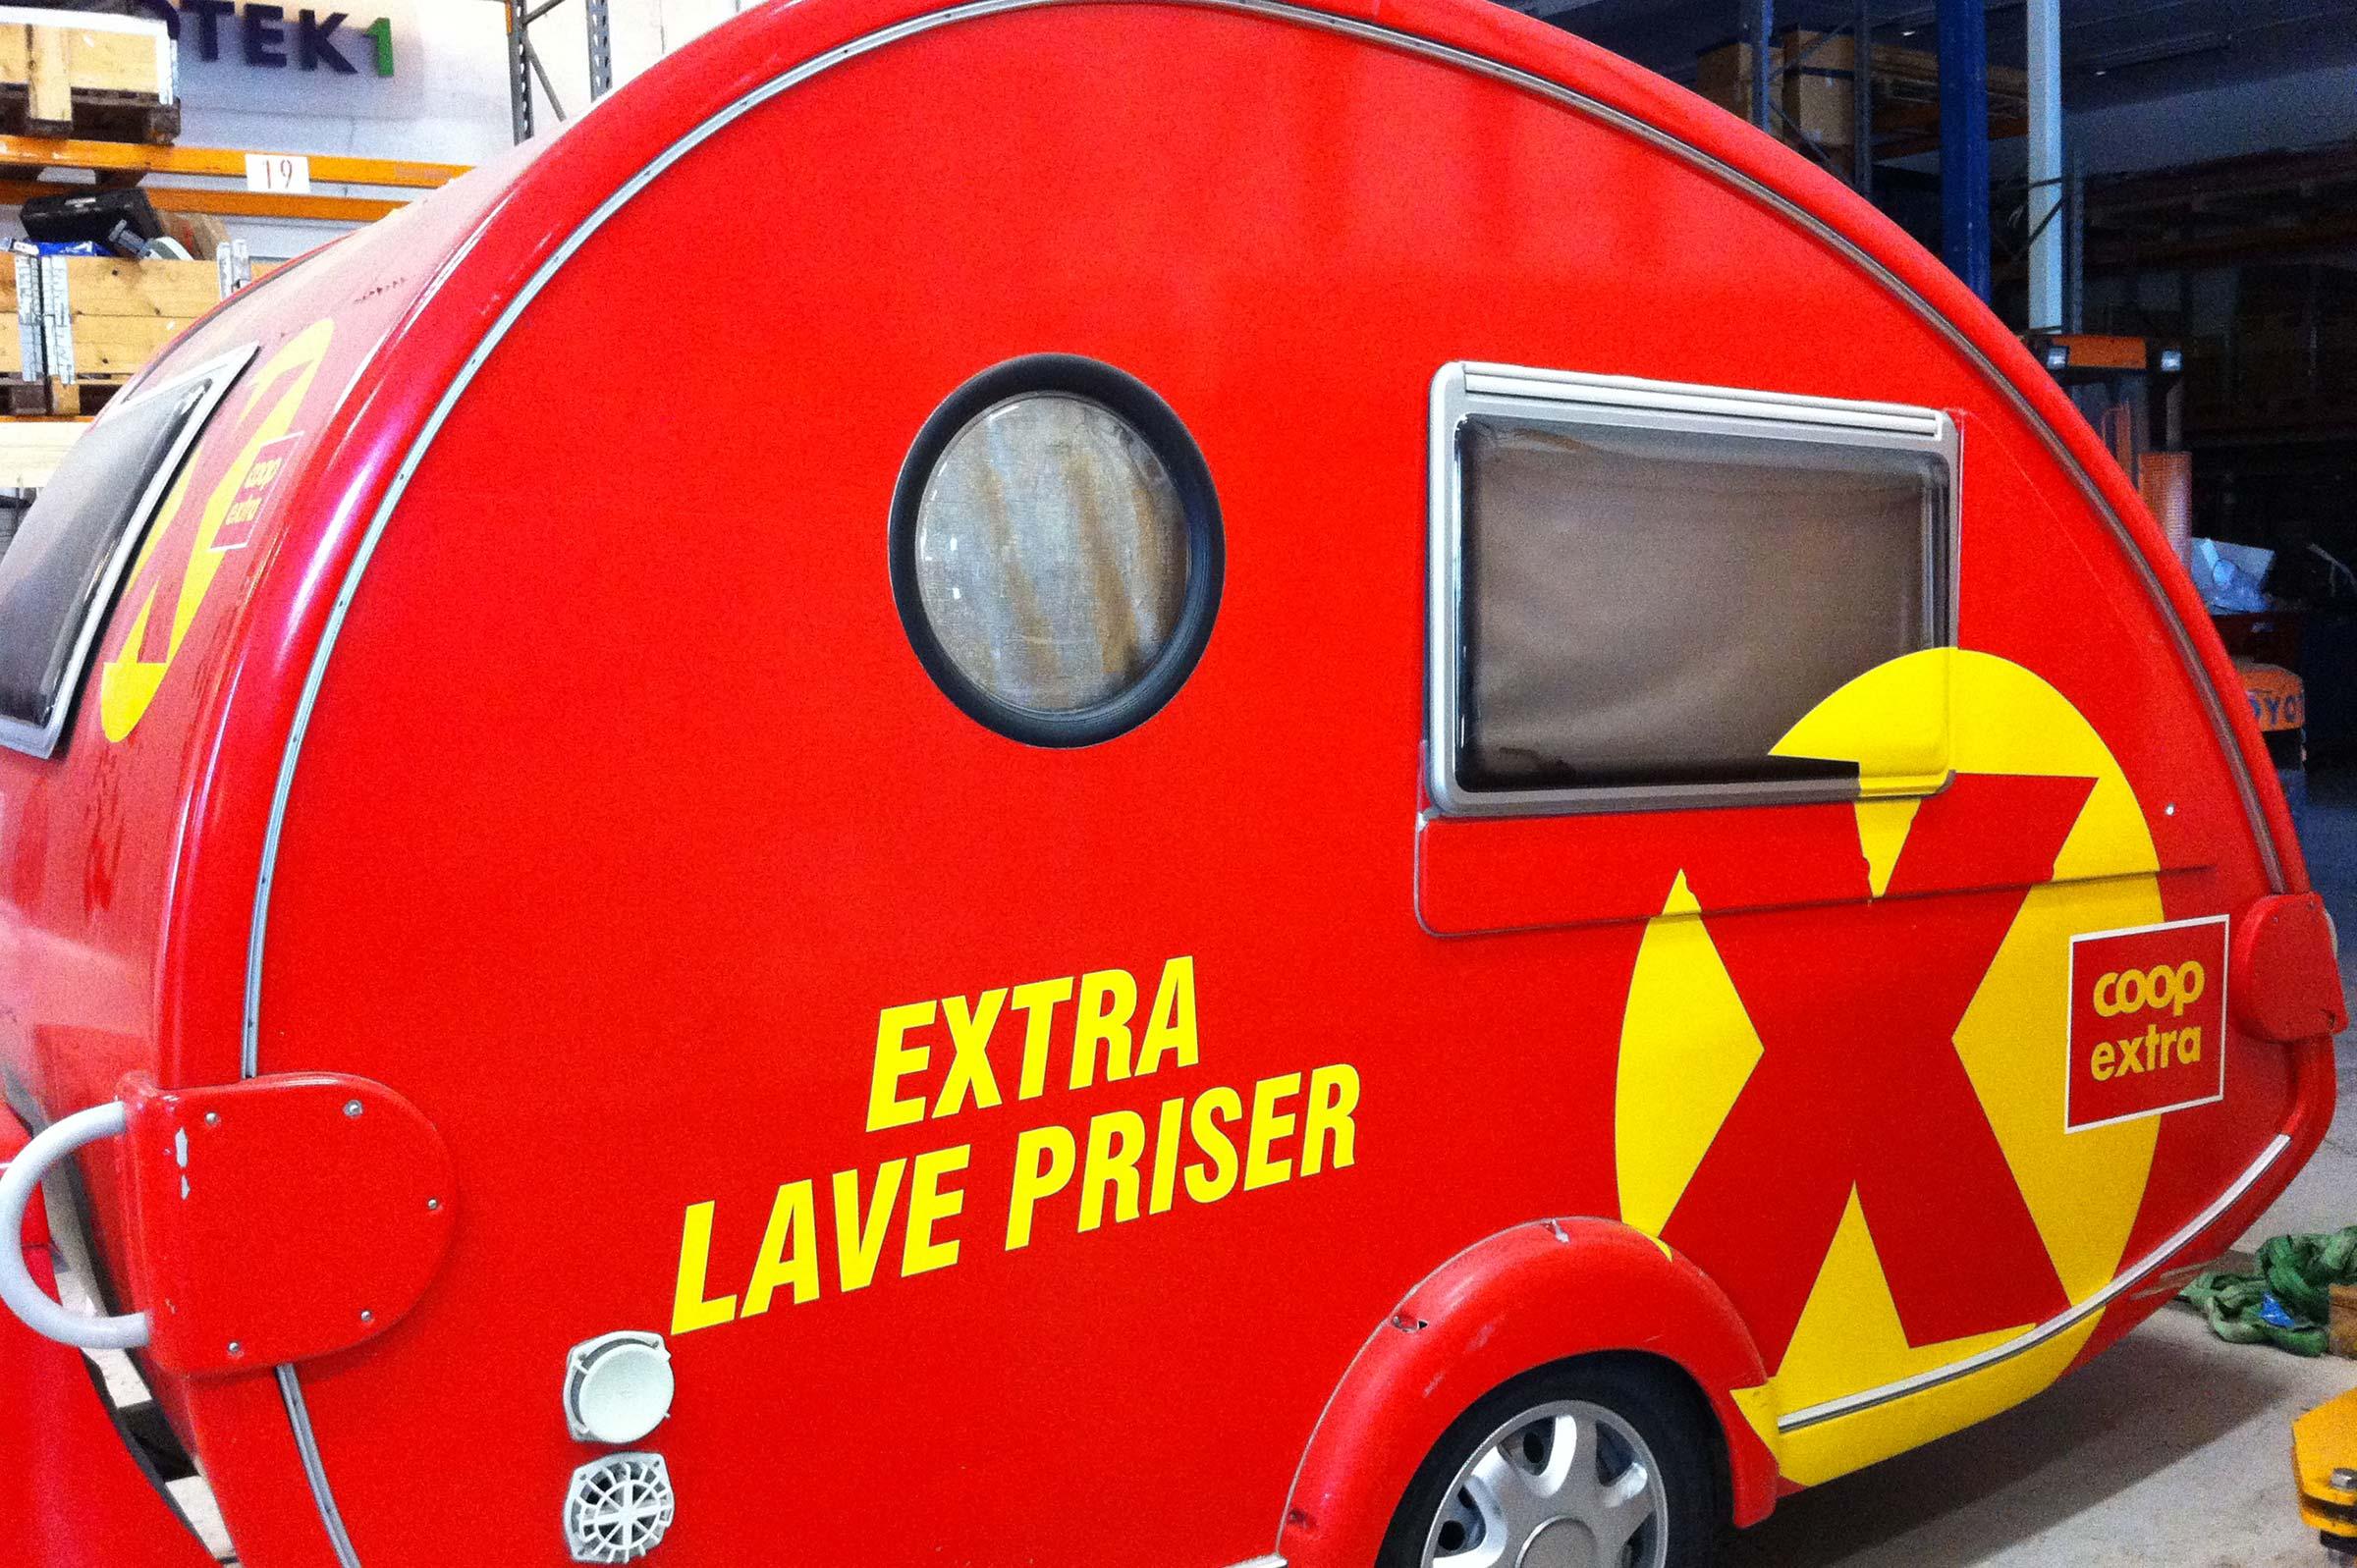 Coop Extra, bildekor, campingvogn